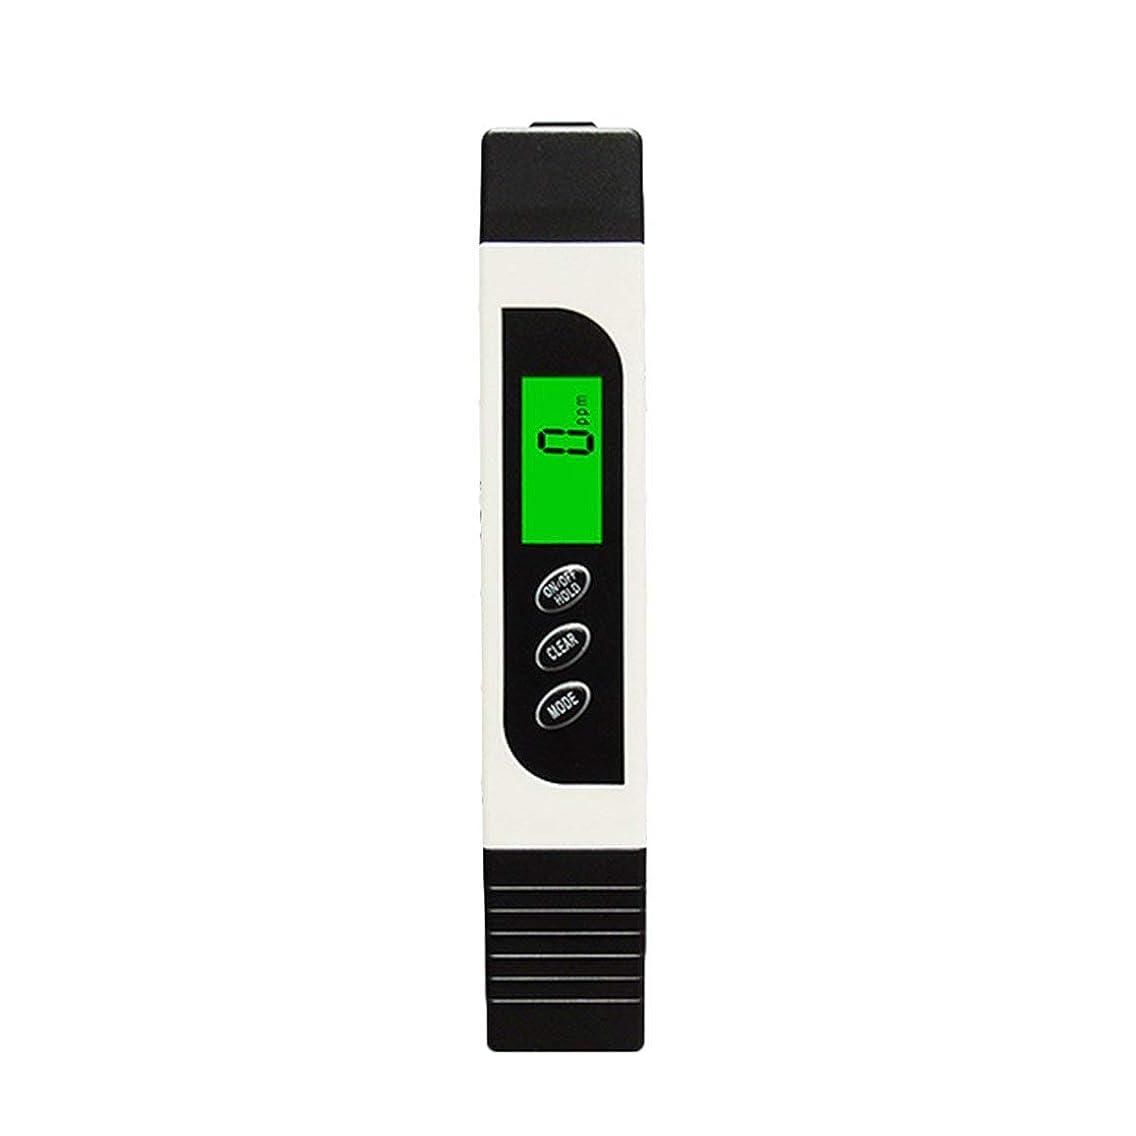 定期的慰め調和のとれた多機能TDSメーターテスターポータブルデジタルペン0.01高精度フィルター測定水質純度テストツール - ホワイト